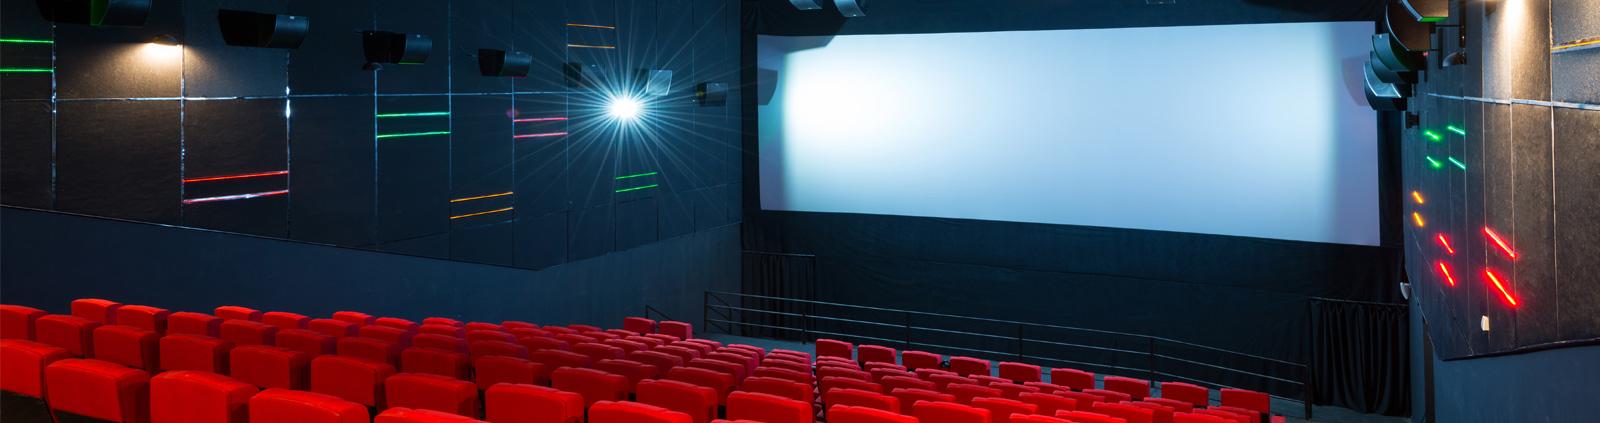 Slider Image - Cinema Room